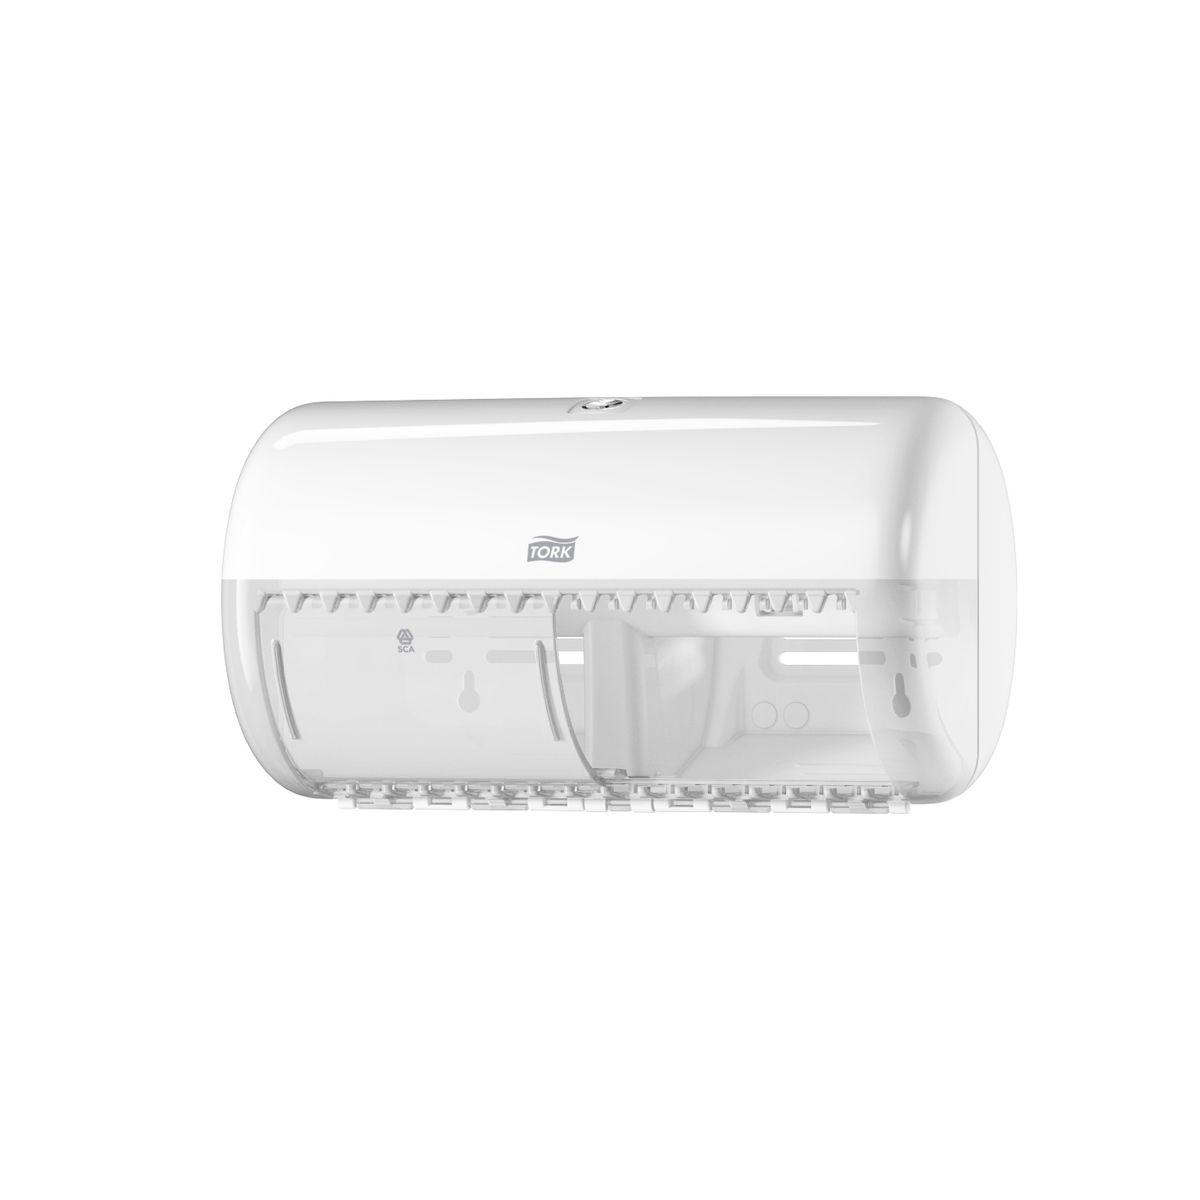 Диспенсер для туалетной бумаги Tork, цвет: белый. 557000200039Система Т4 - бумага в стандартных рулончиках.Практичный компактный диспенсер, вмещающий 2 стандартных рулона туалетной бумаги.Бумага легко отрывается с помощью удобных зубцов, даже не имея перфорации, защищается от повреждений и кражи.Диспенсер открывается с помощью ключа или нажатием на кнопку.В комплект входит инструкция по заправке и использованию.